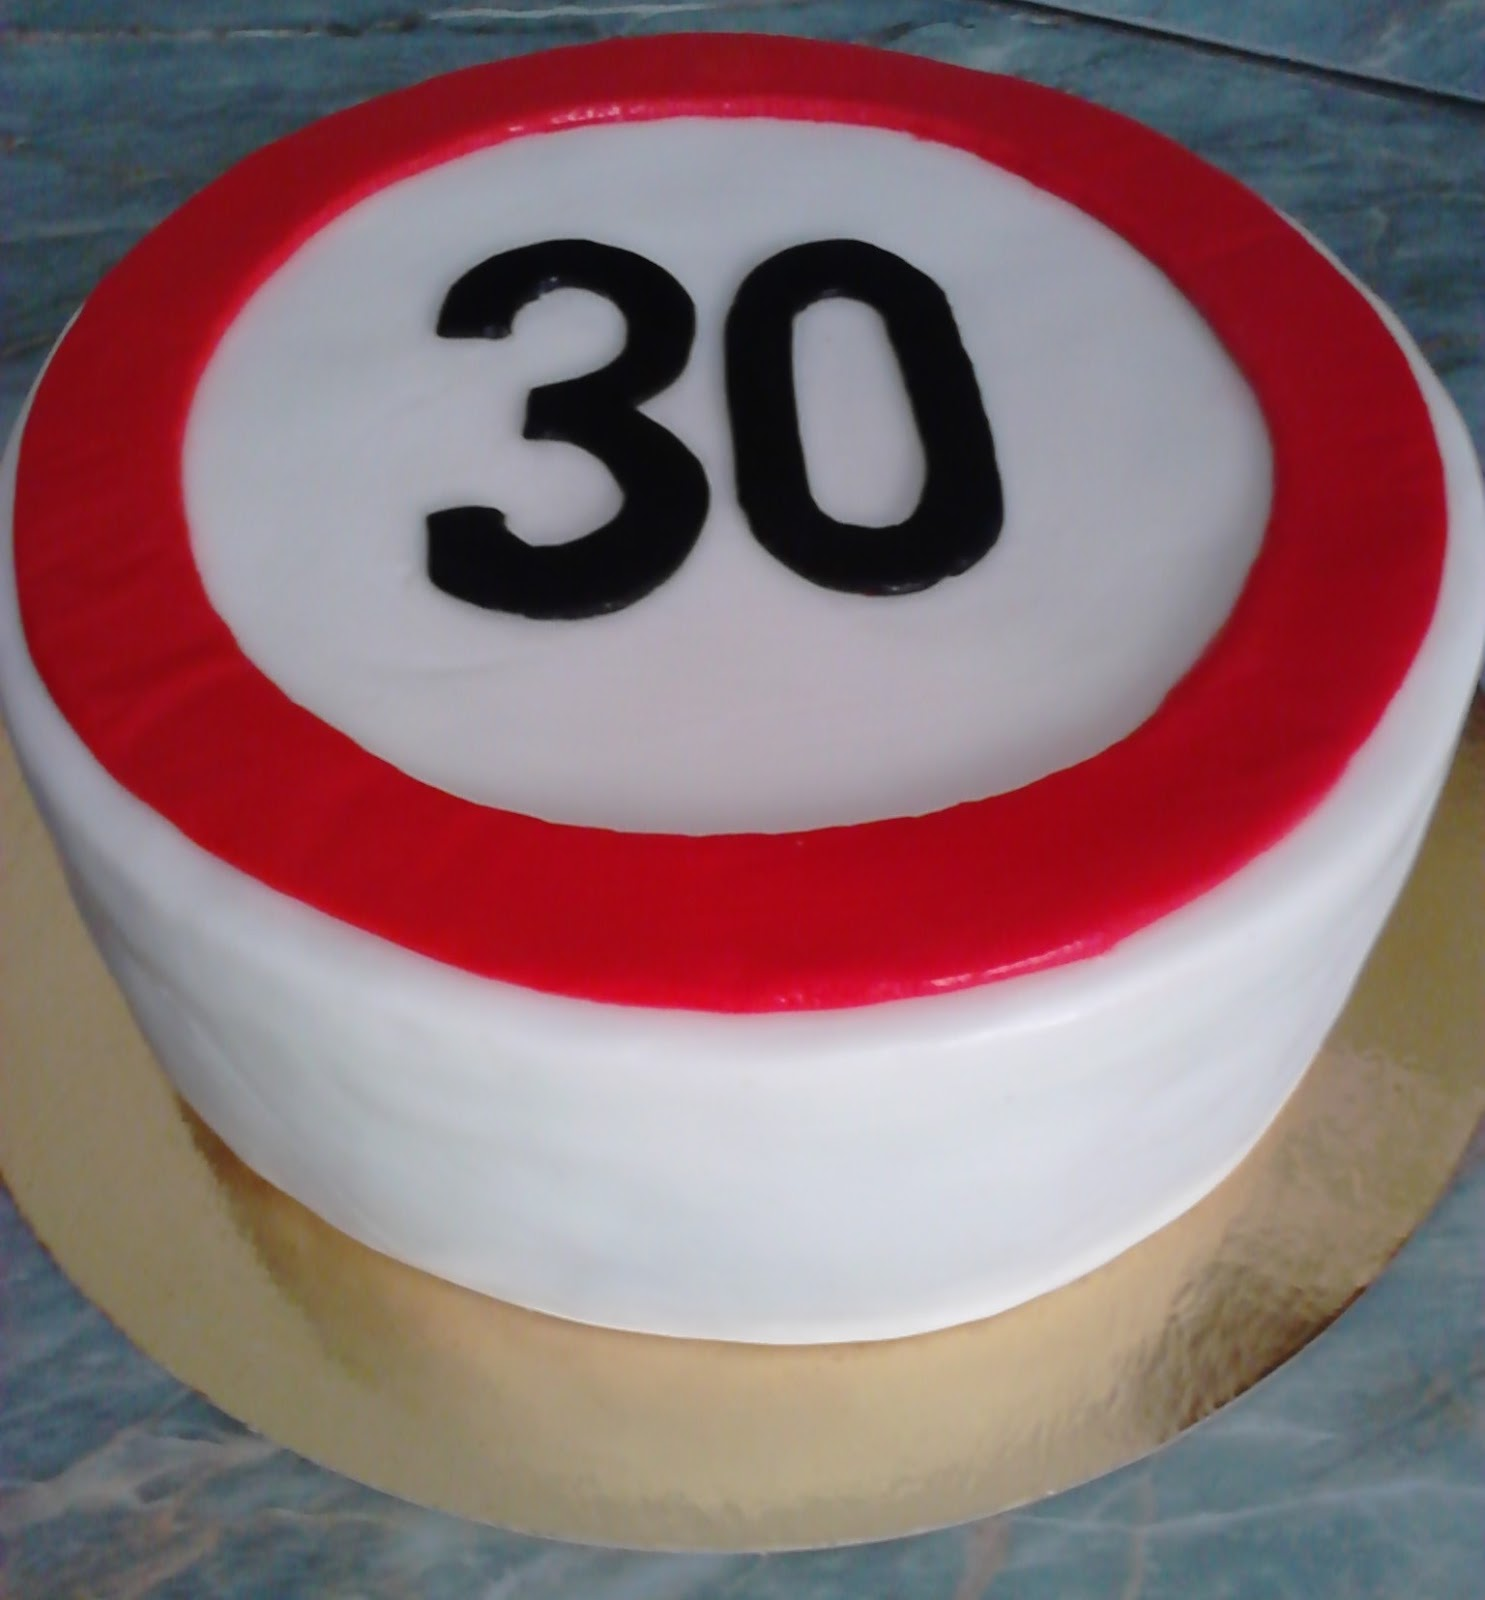 30 születésnapi torták Mimi sütödéje: 30. Születésnap 30 születésnapi torták